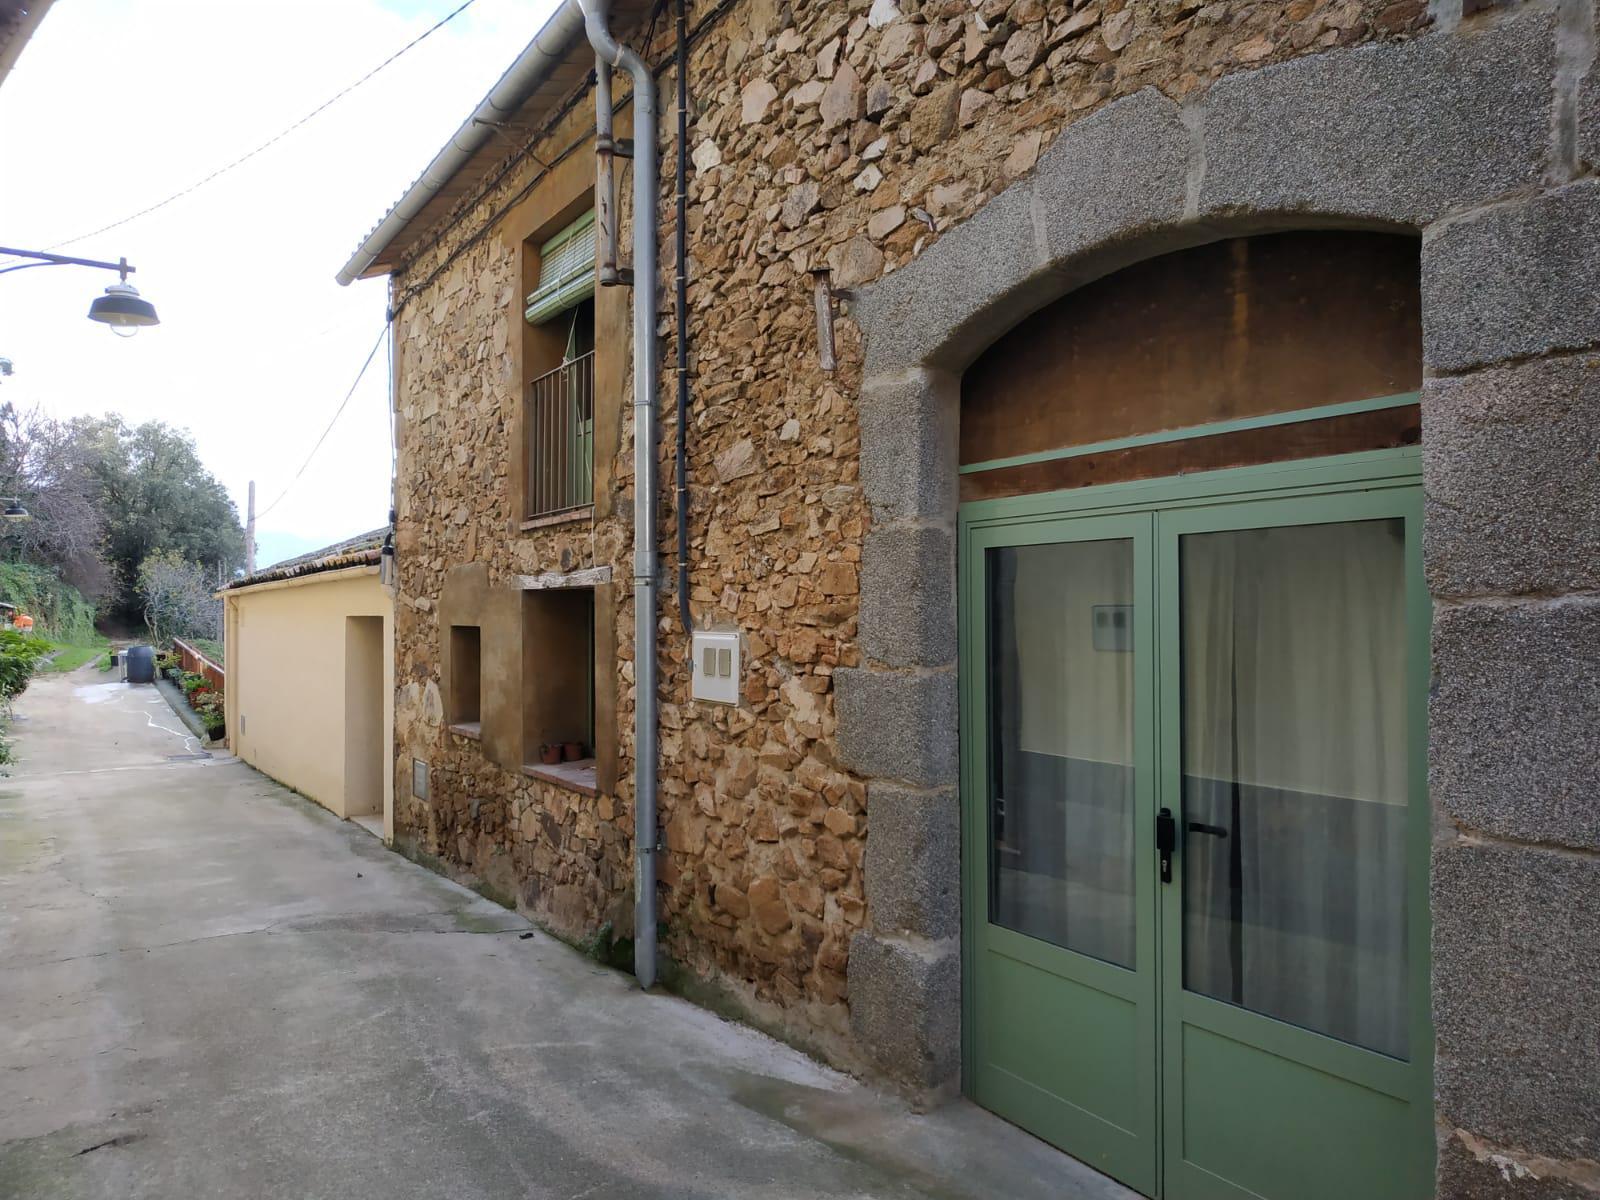 205193 - En el centro de Joanet, -Arbúcies-